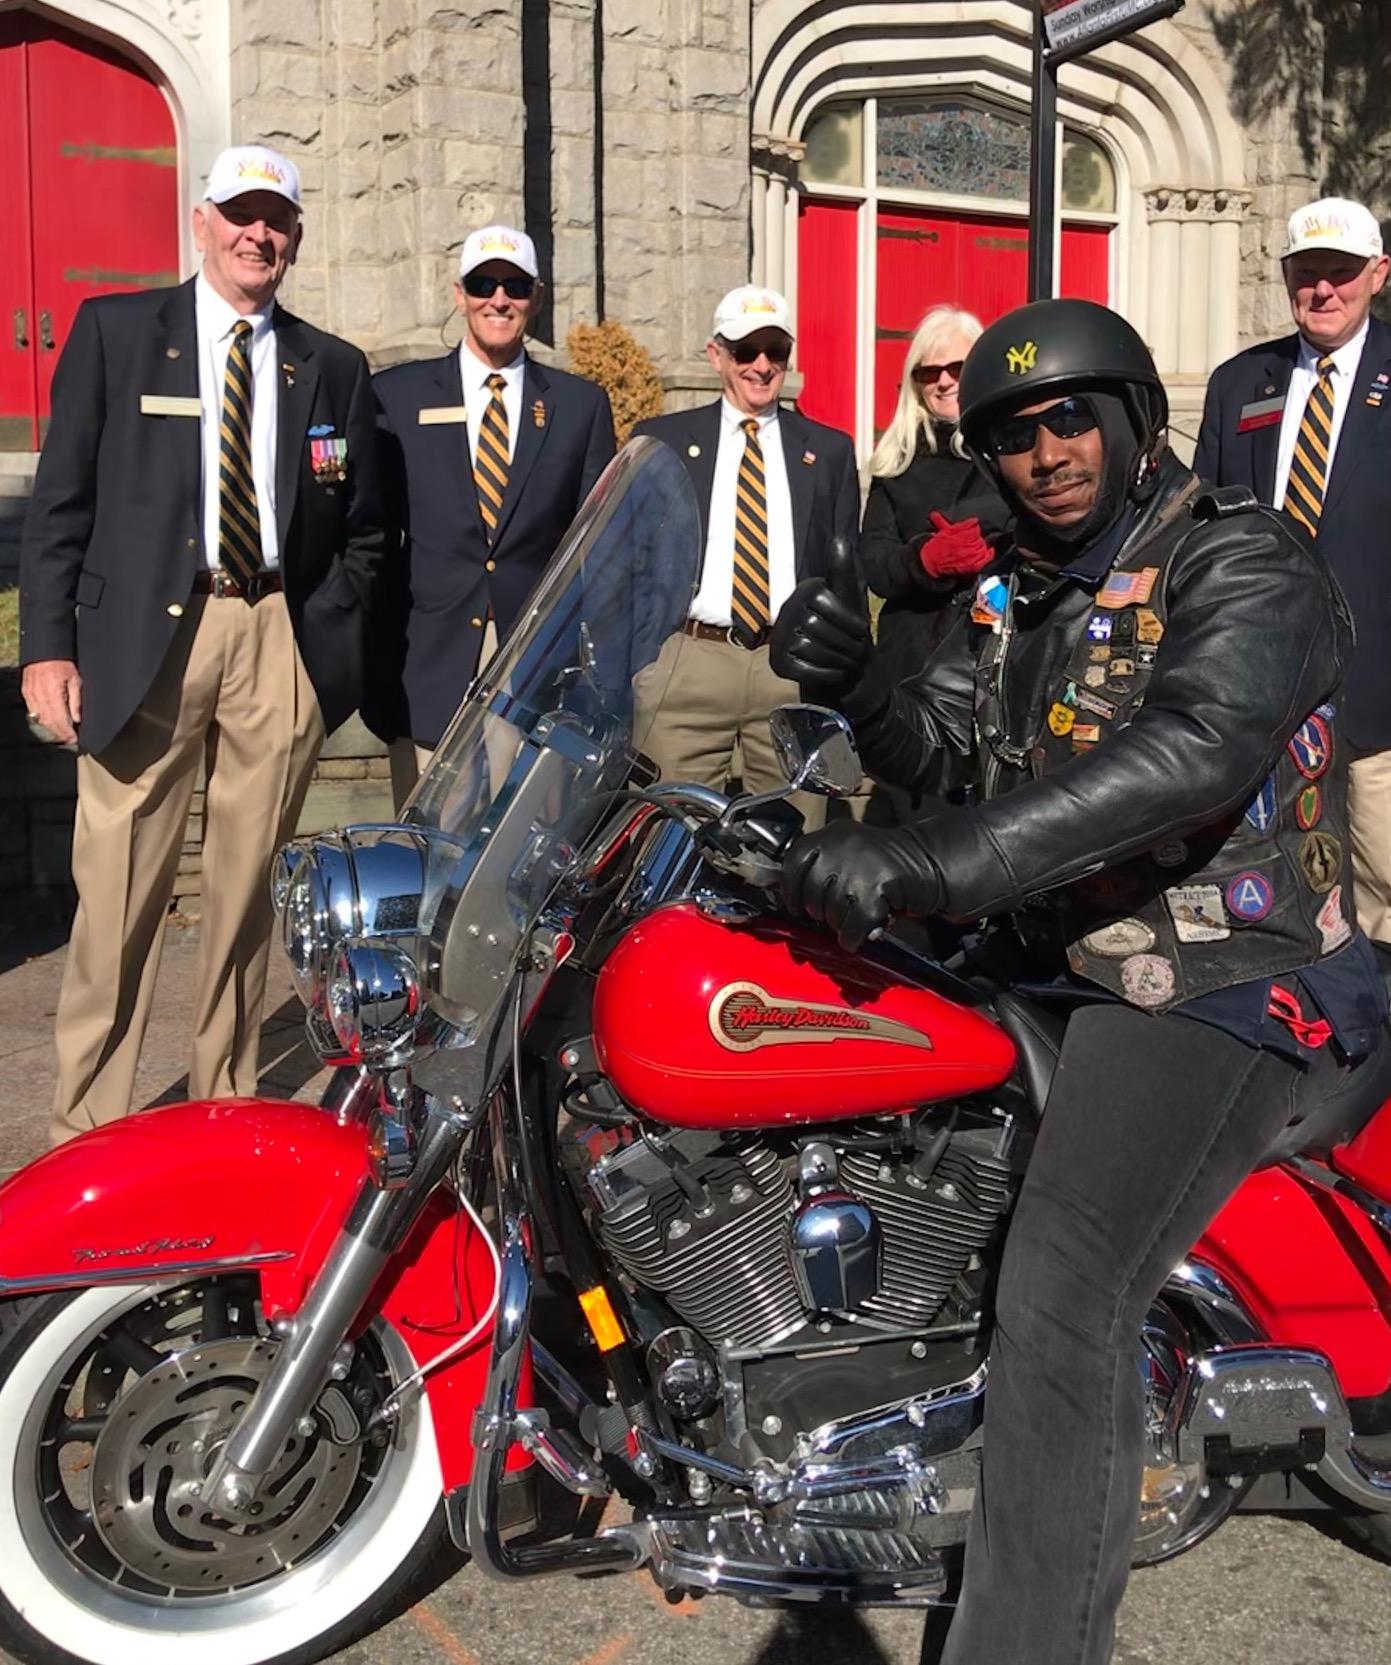 VeteransDayParade2019_03